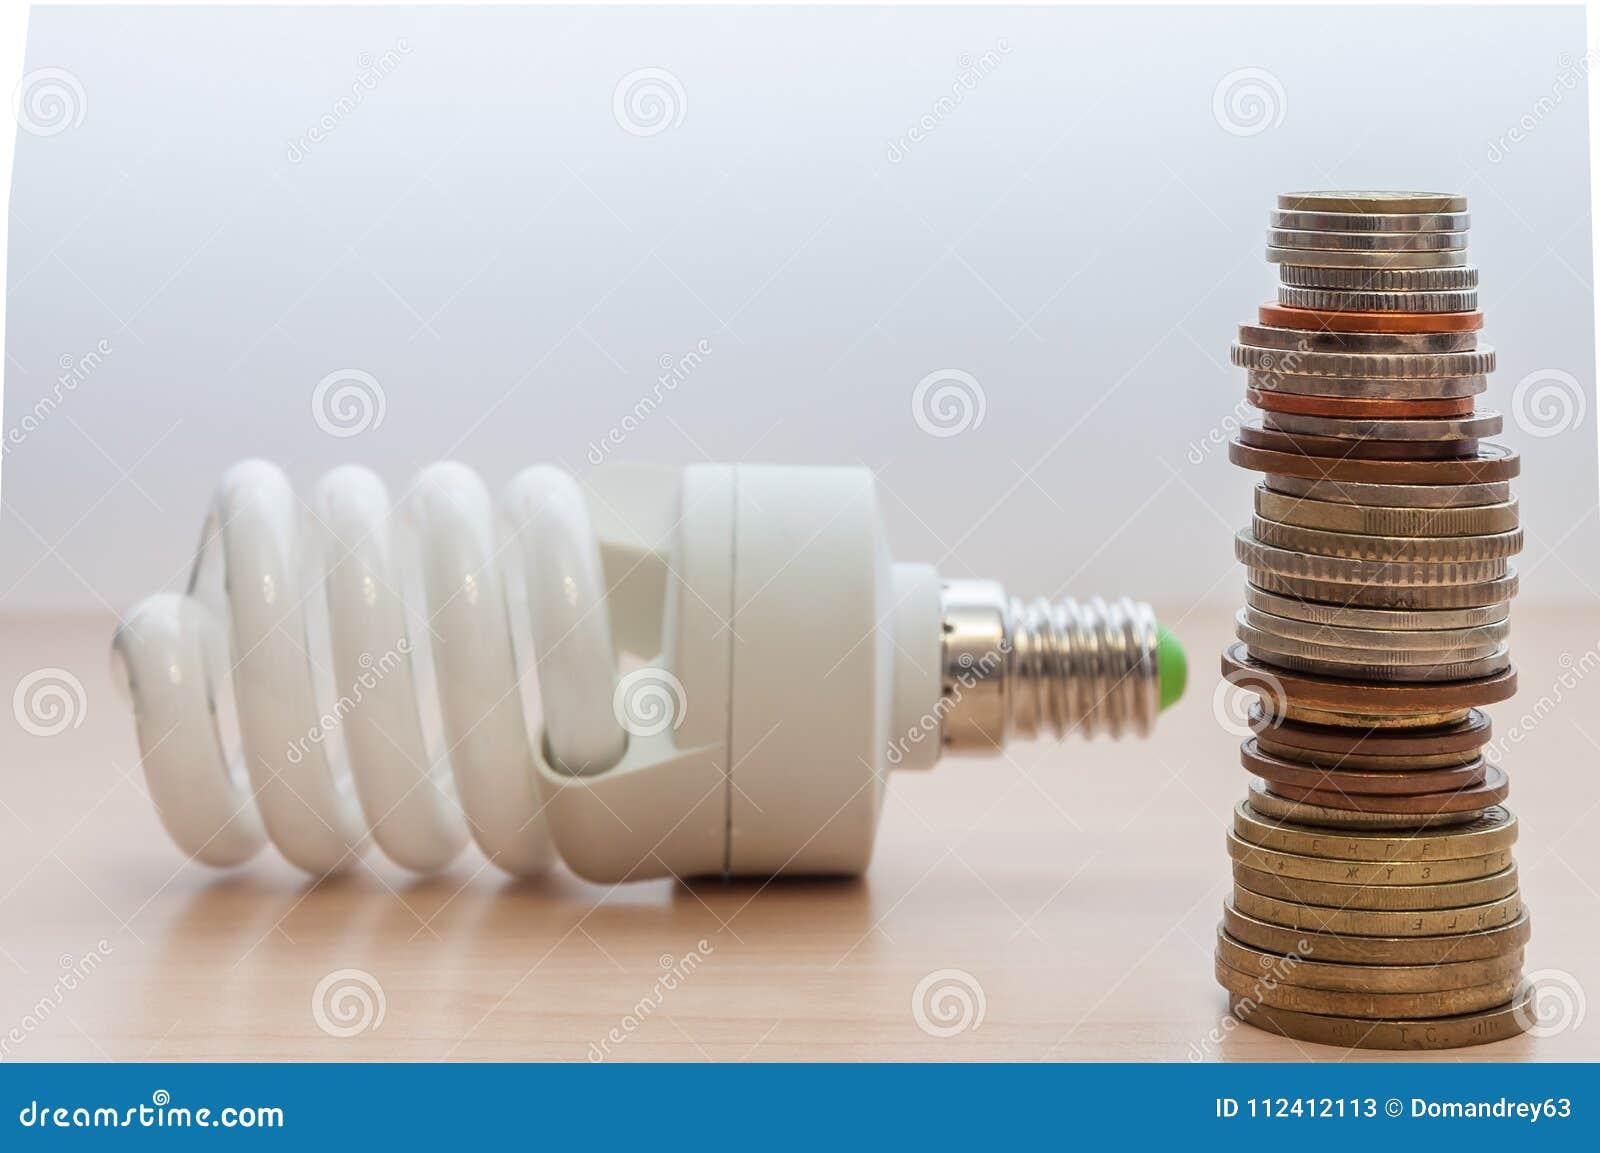 På tabellen är en ljus kula, en bunt av mynt av olika länder och värdighet